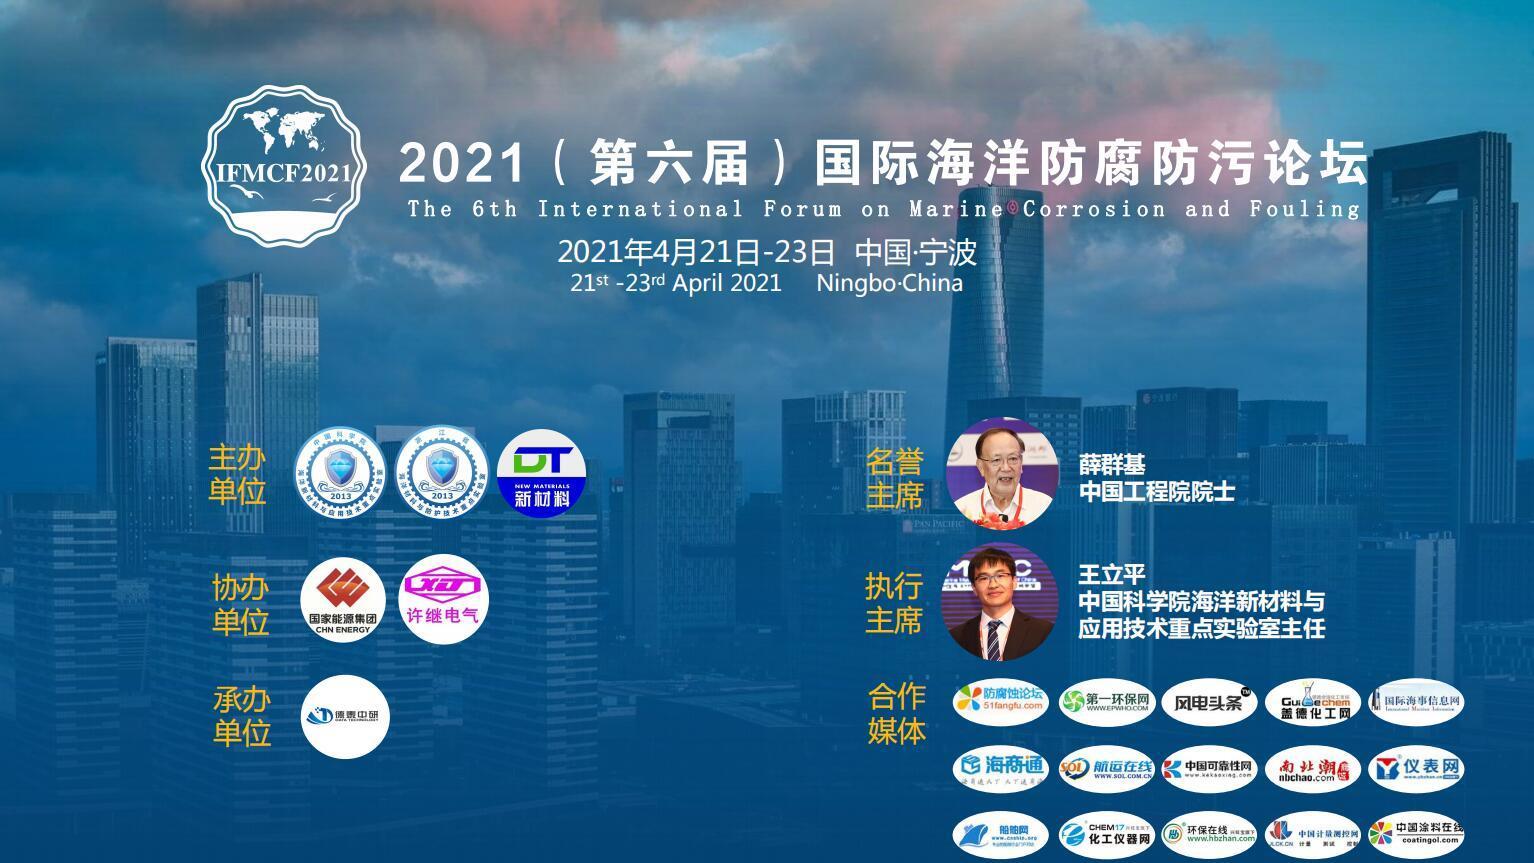 2021(第六届)国际海洋防腐防污论坛 IFMCF2021